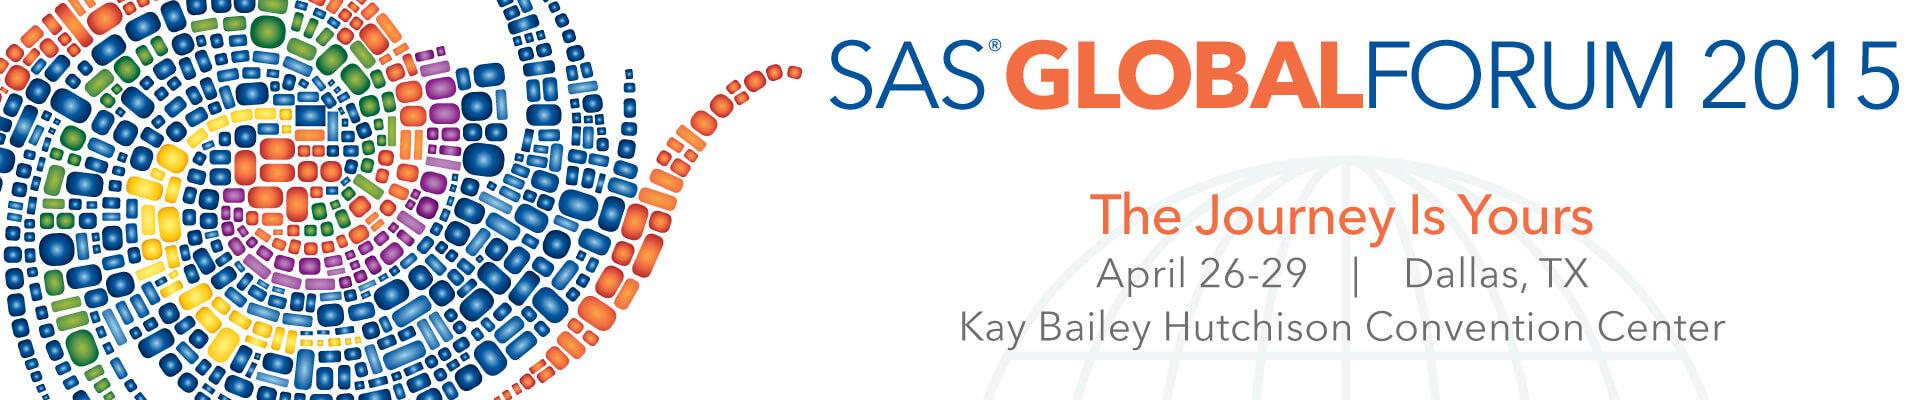 SAS Global Forum 2015 – Days Three and Four